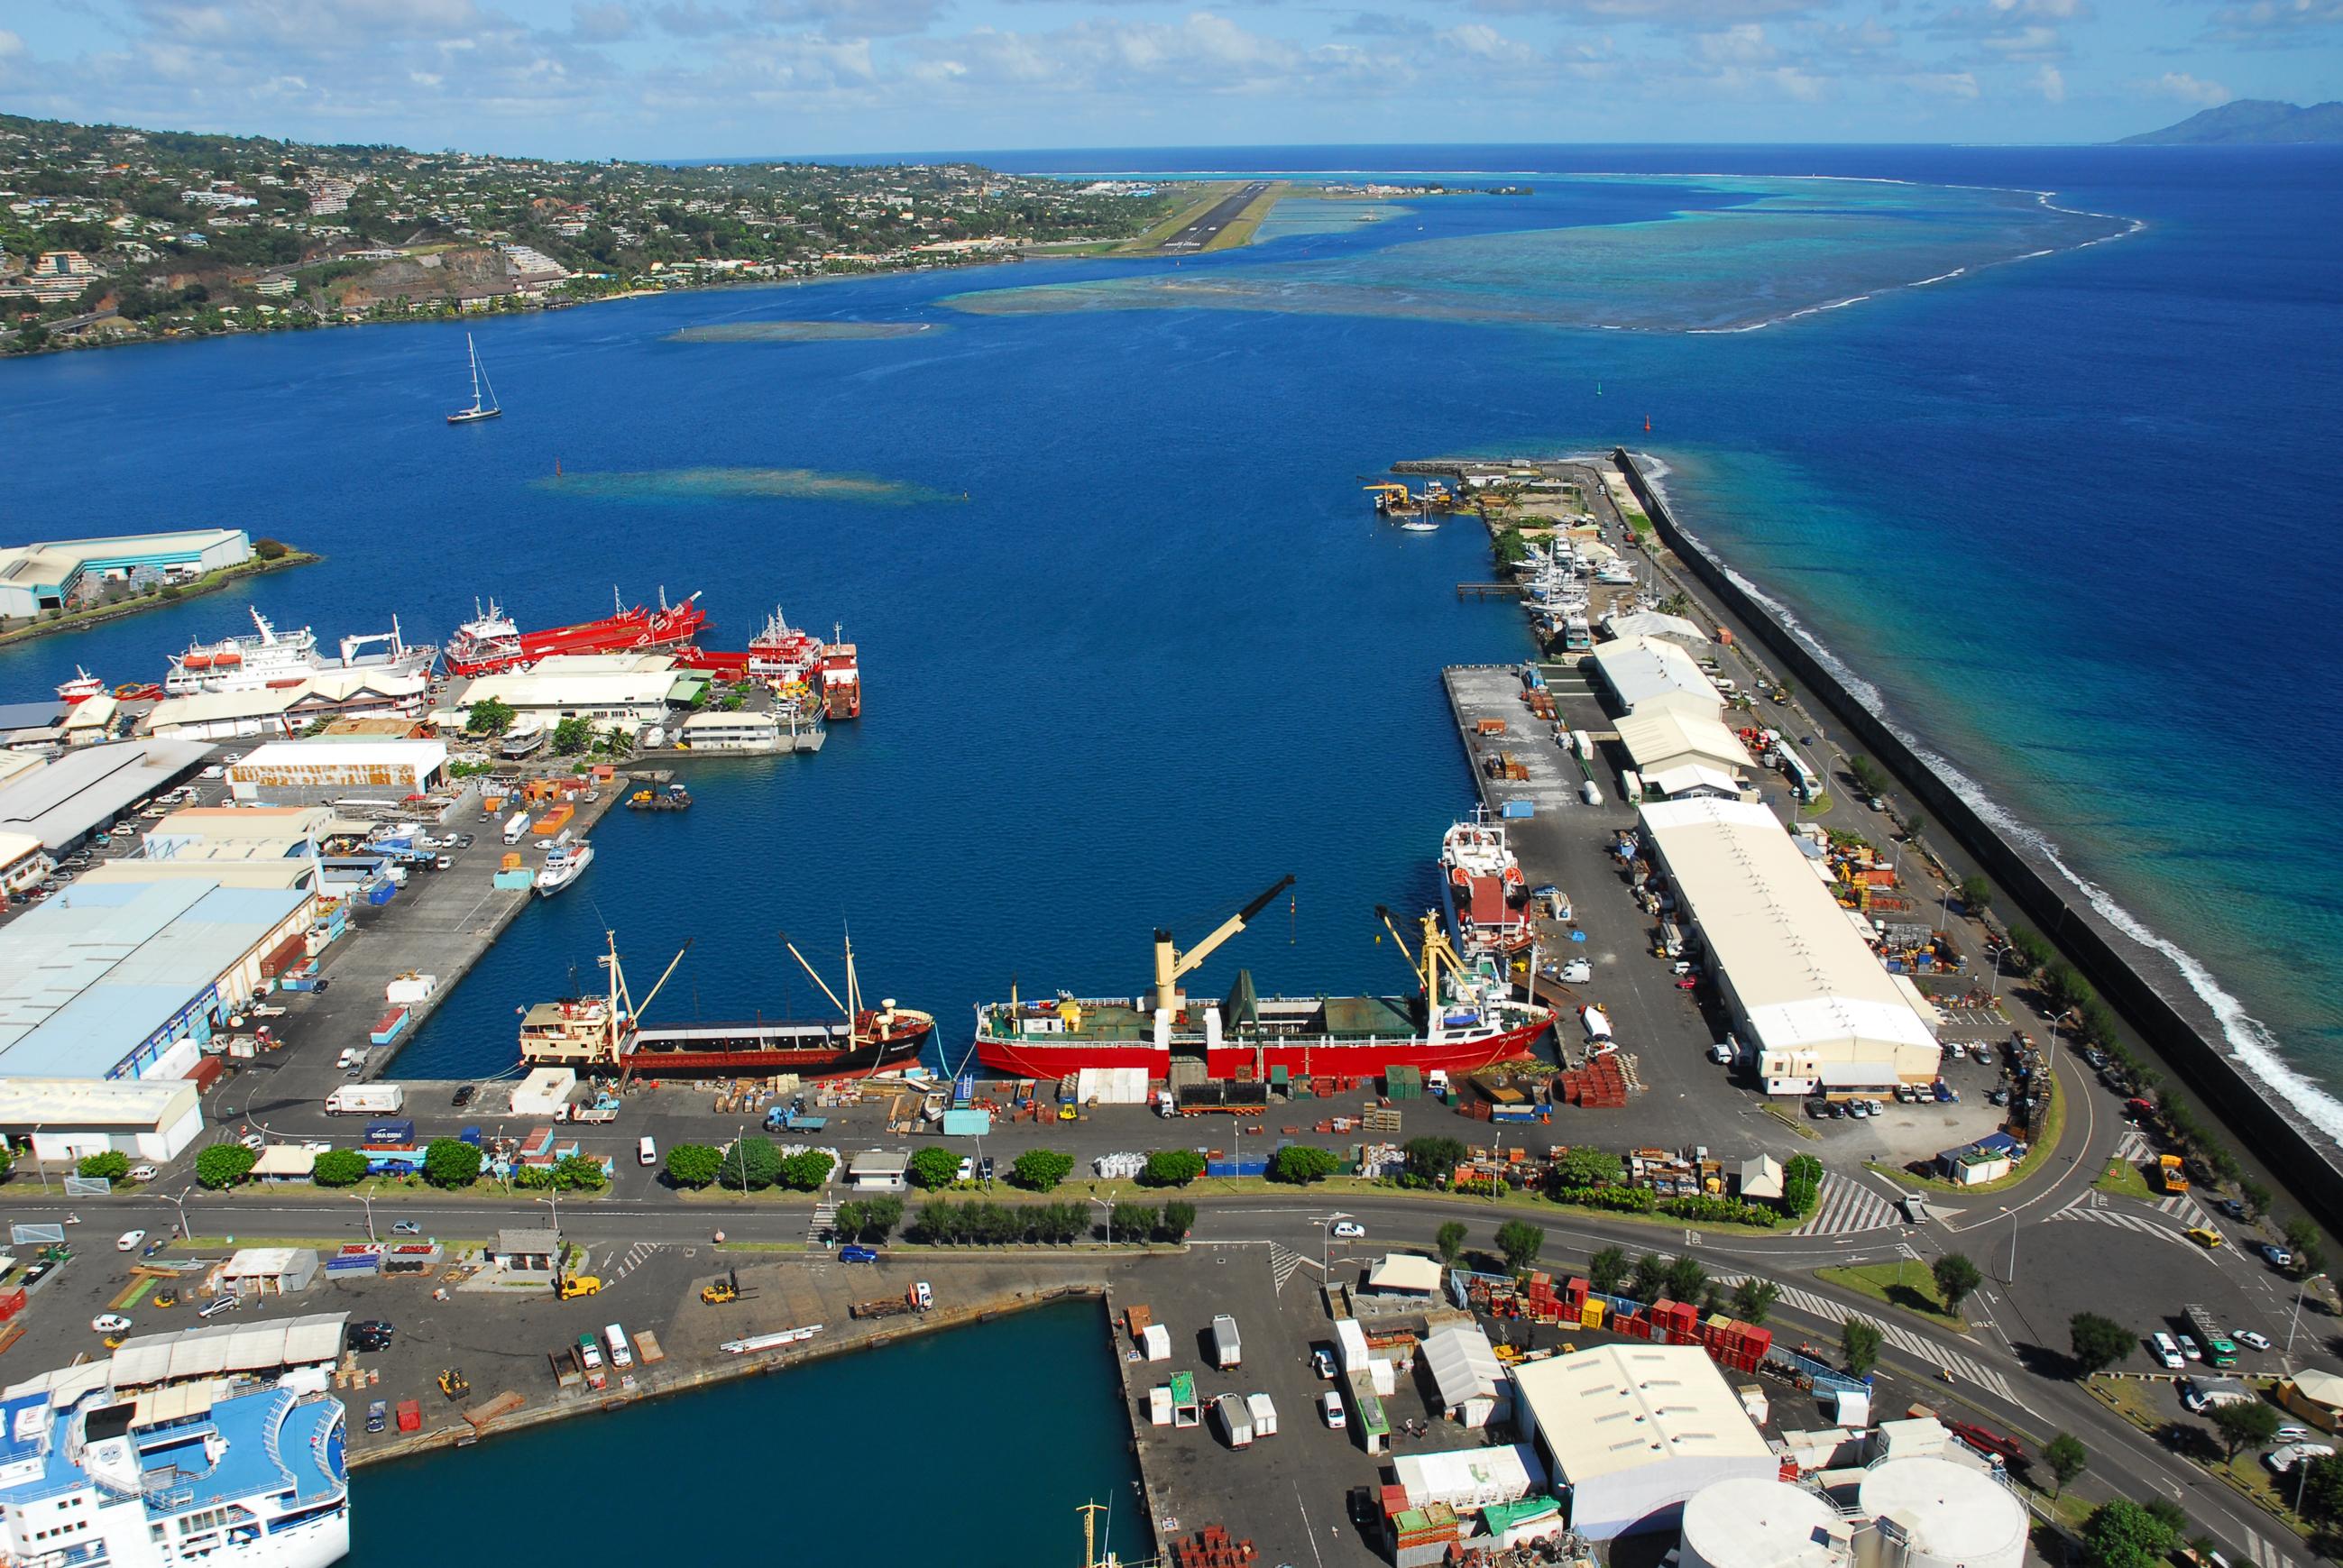 Quai du commerce inter-insulaire ©Port autonome de Papeete